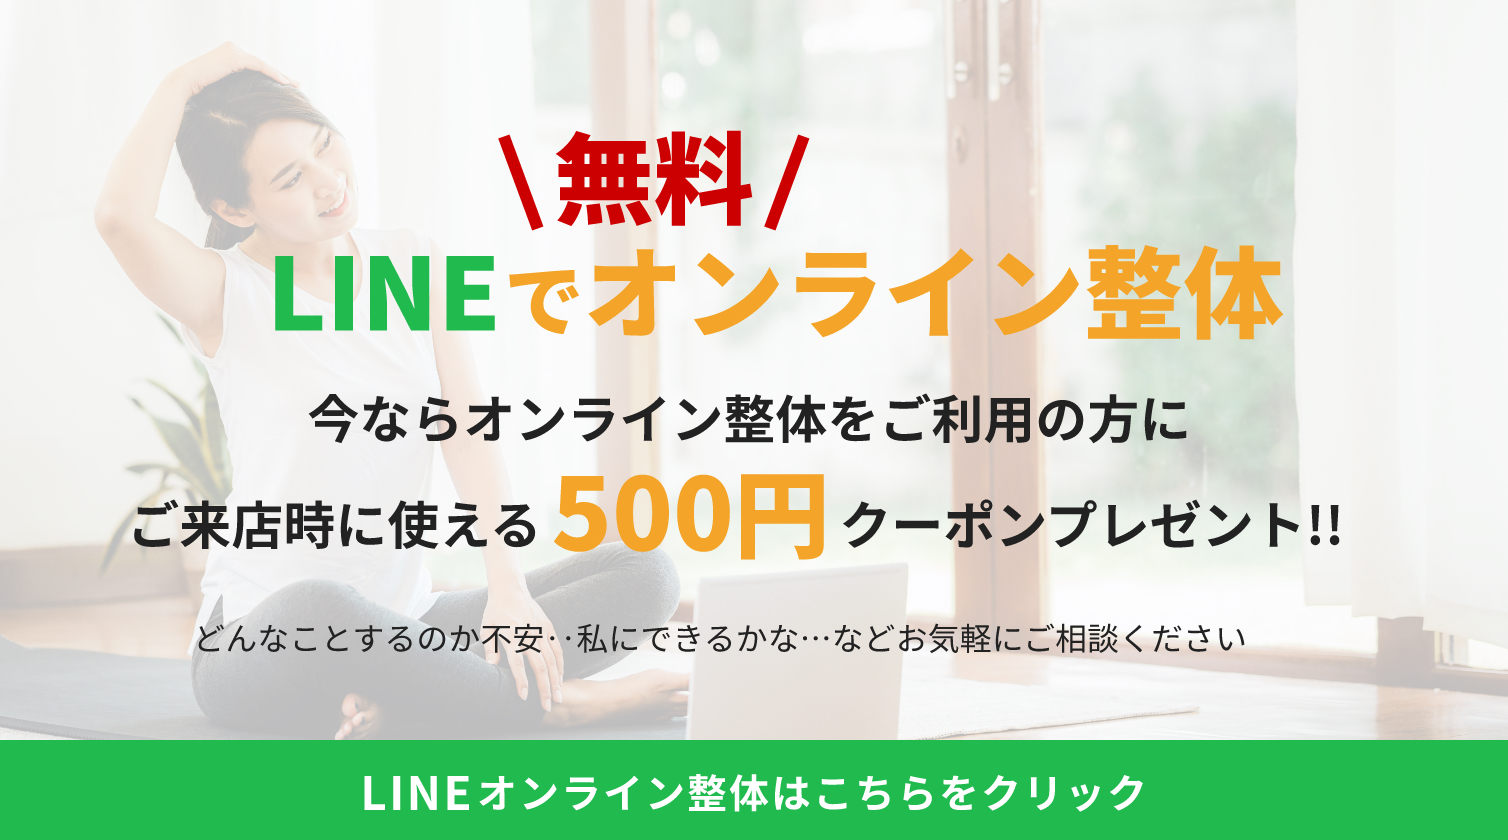 ストレッチ×整体HOPEはLINEでオンライン整体